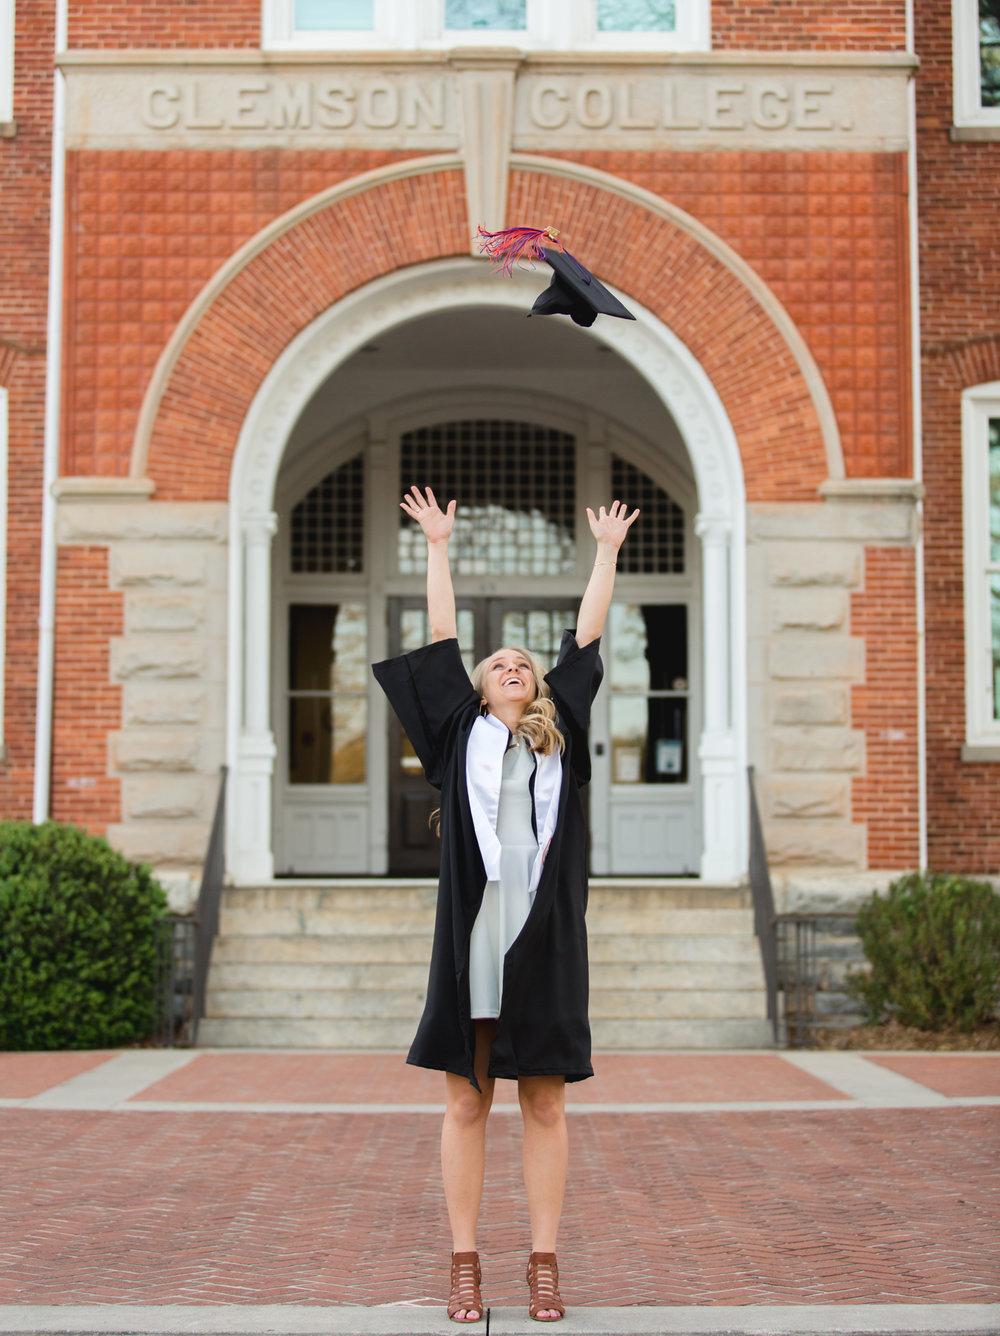 Lauren_Duncan-Clemson University Senior-5158.jpg